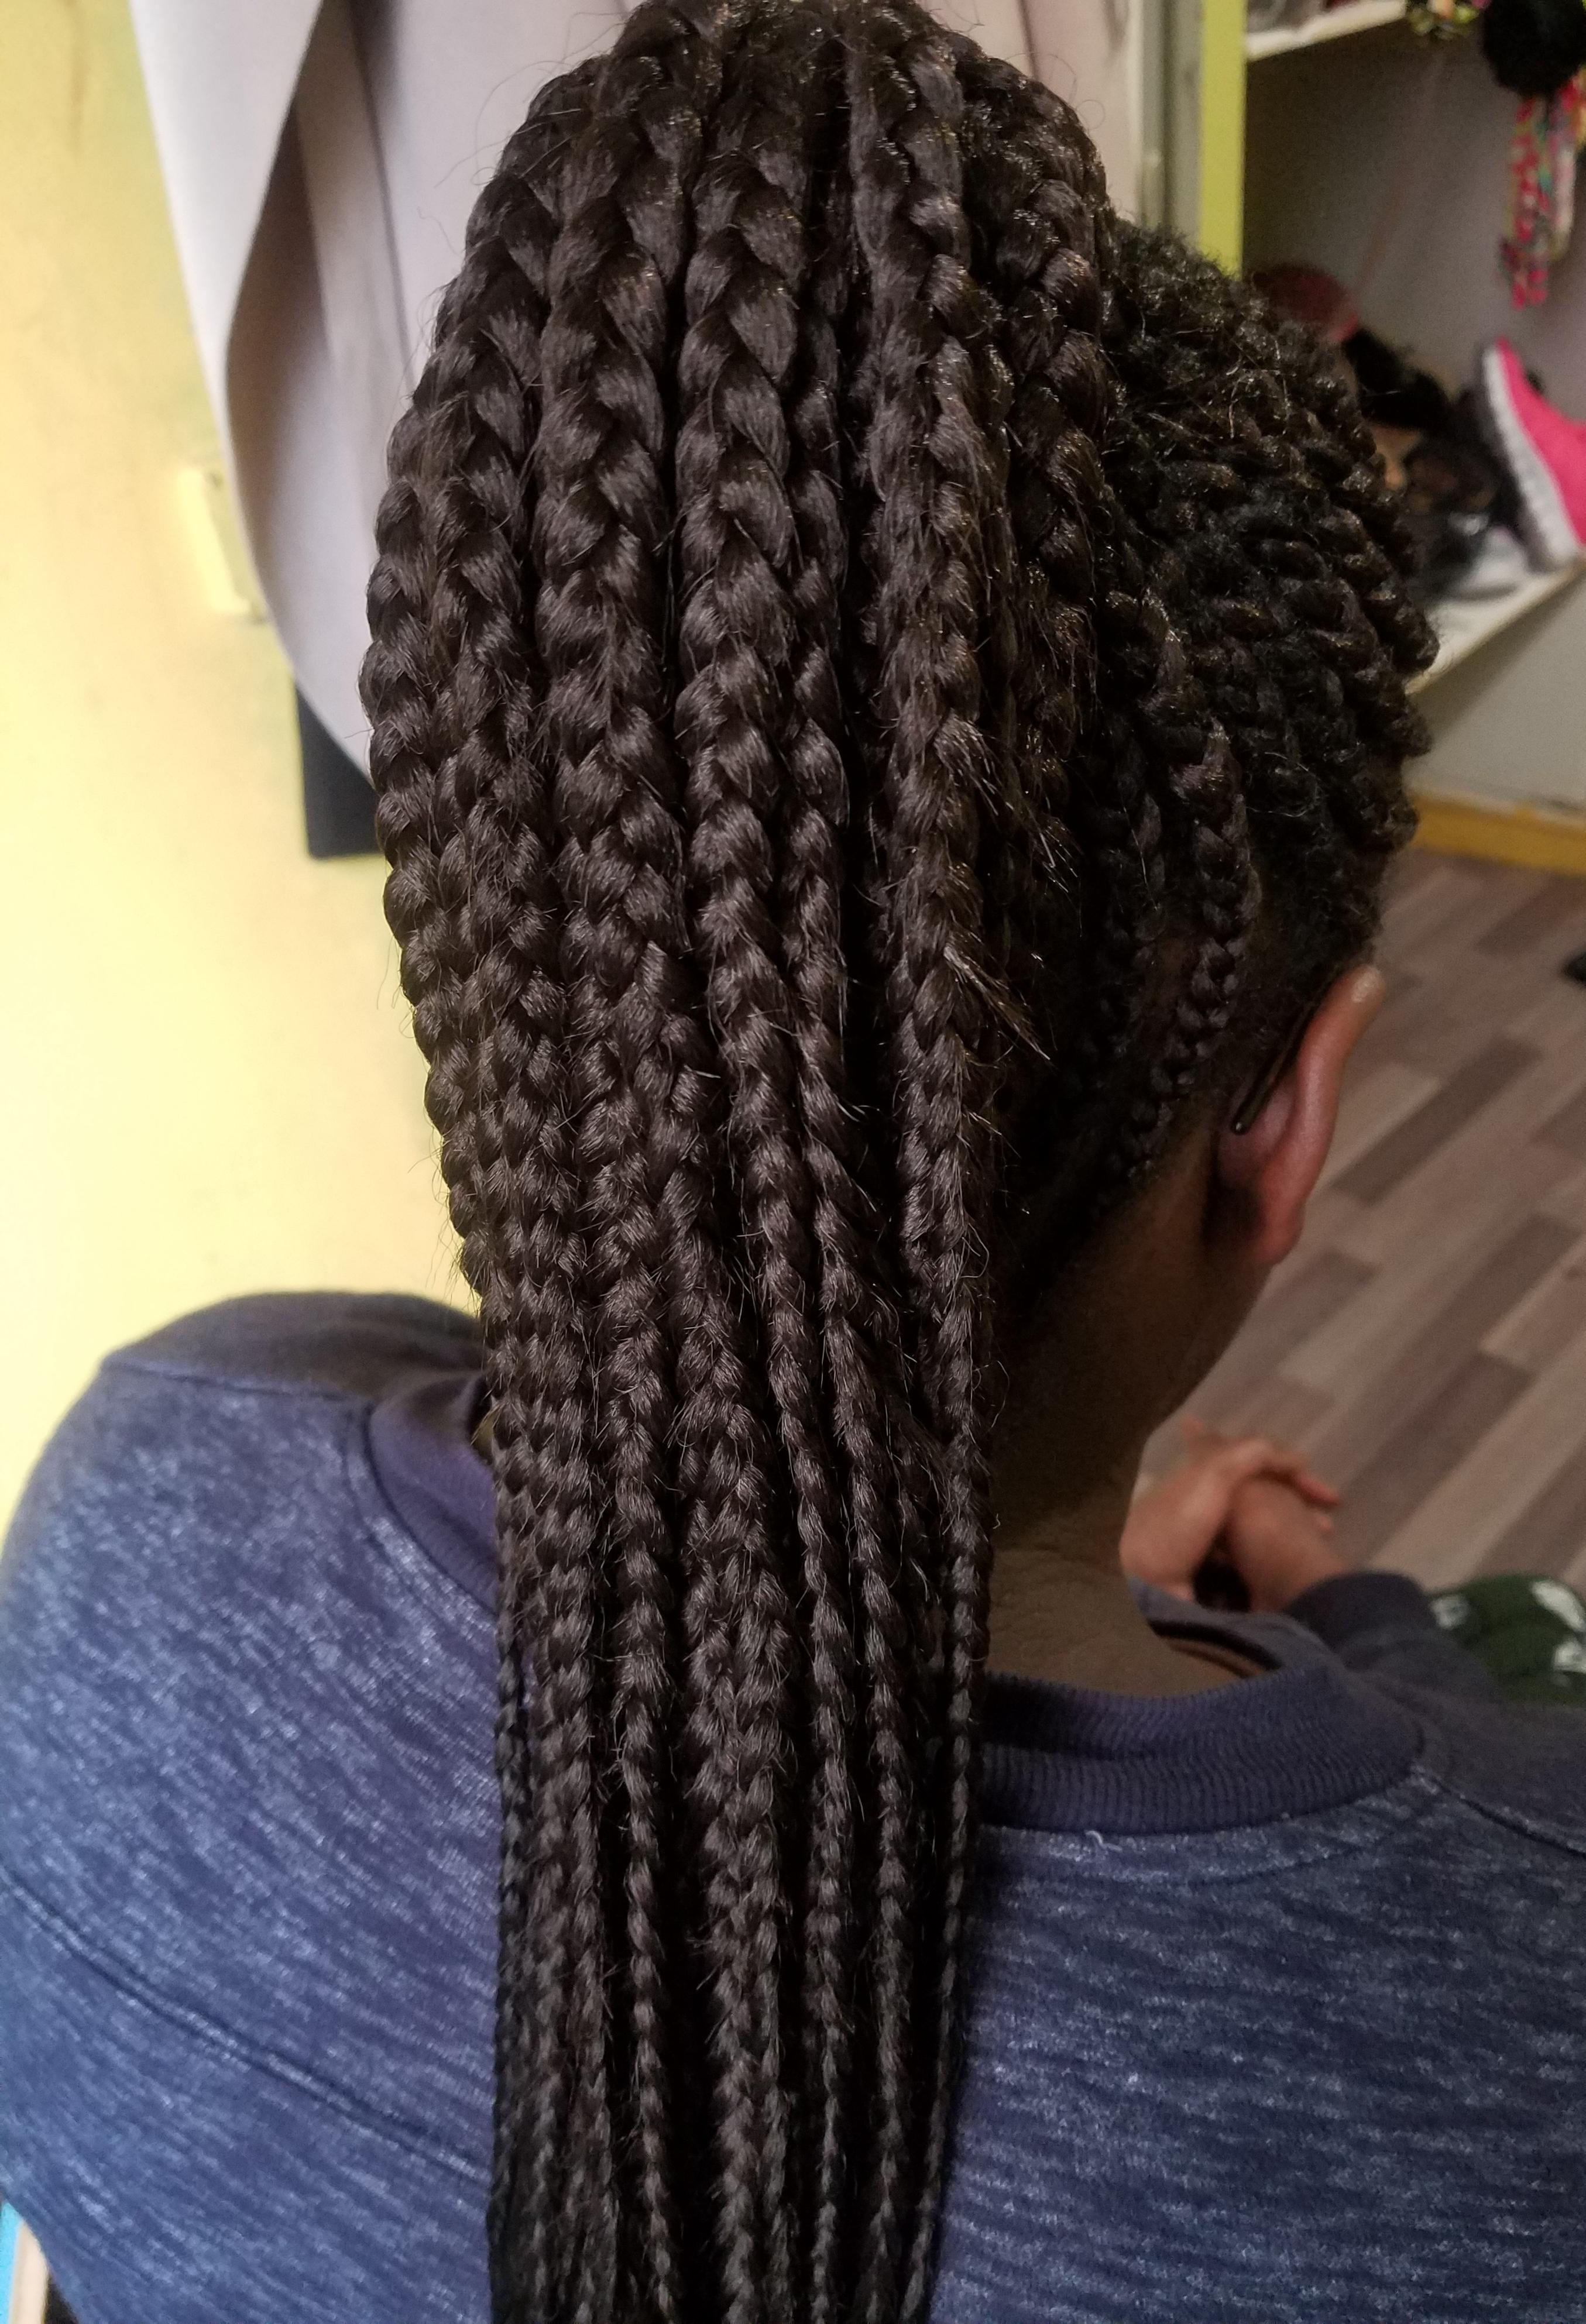 salon de coiffure afro tresse tresses box braids crochet braids vanilles tissages paris 75 77 78 91 92 93 94 95 PVLONVAQ